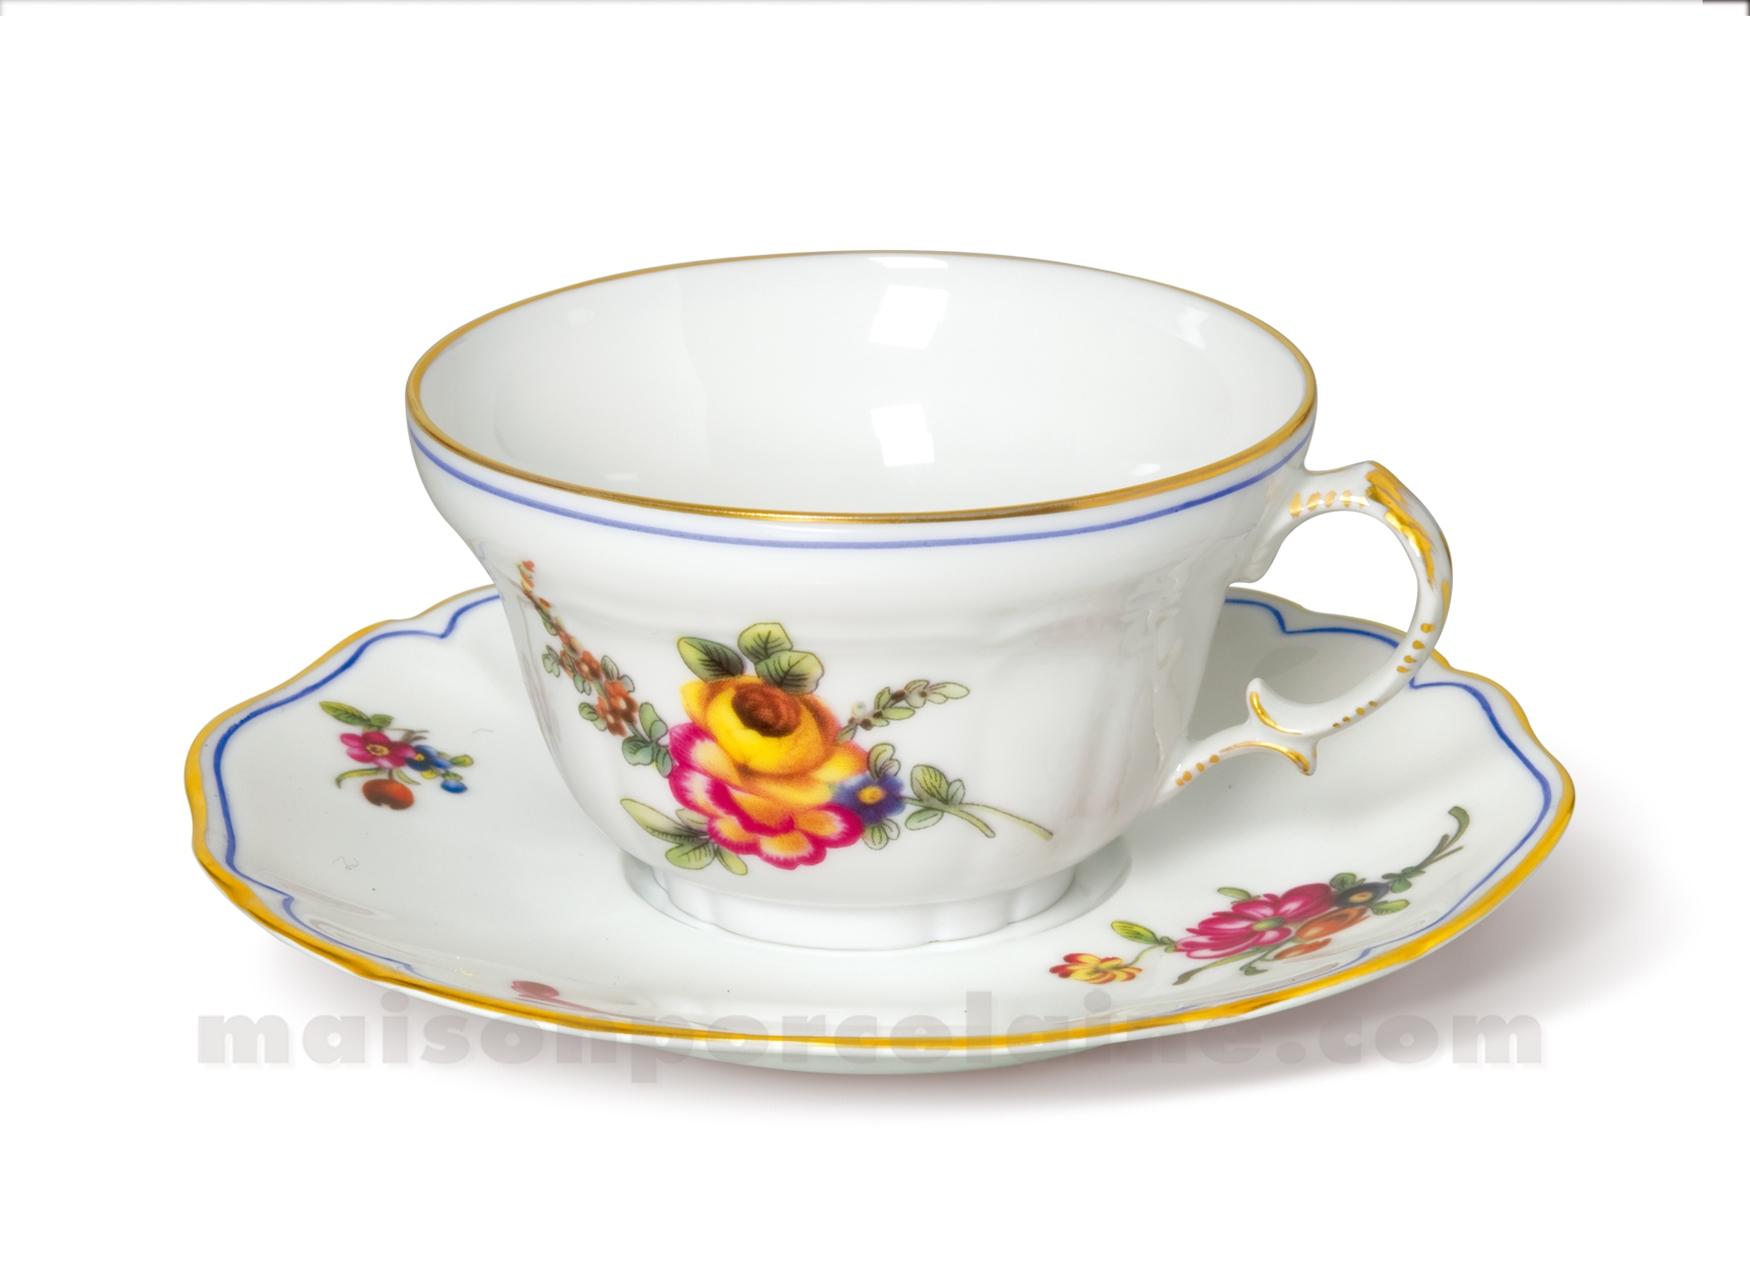 Tasse the soucoupe limoges choiseul 16cl maison de la - La maison de porcelaine ...